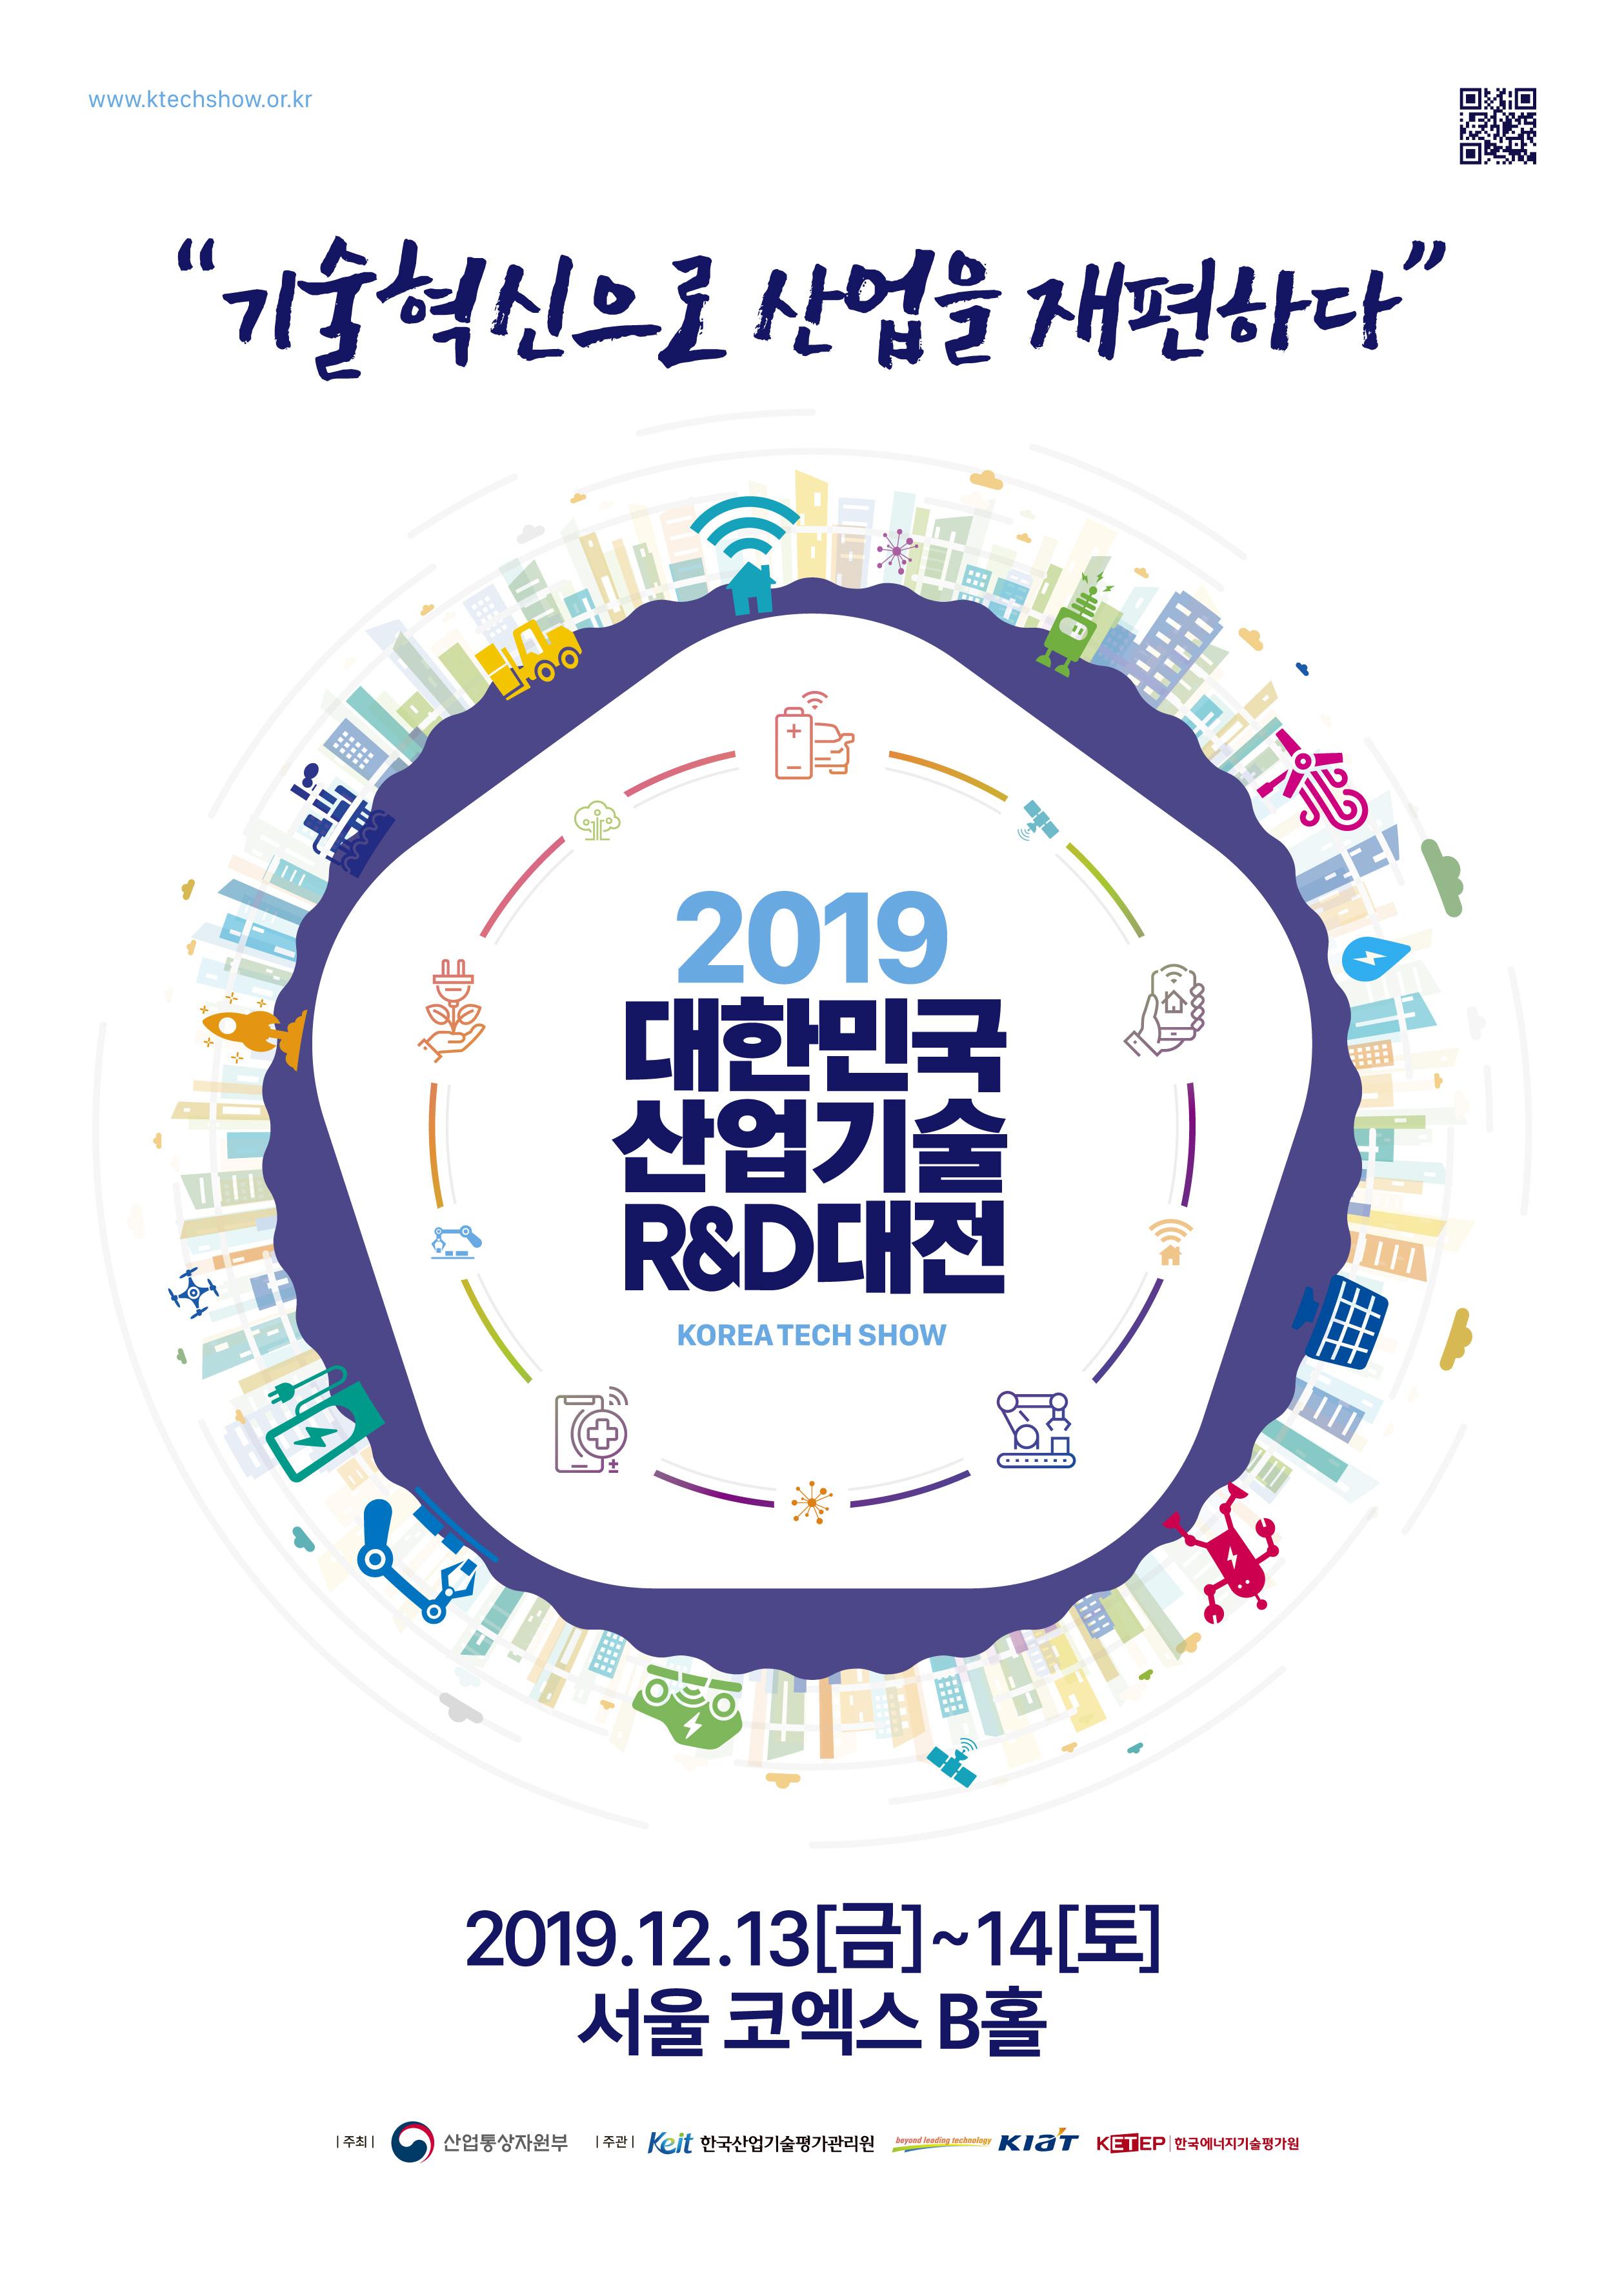 2019 대한민국 산업기술 R&D대전 (KOREA TECH SHOW 2019)